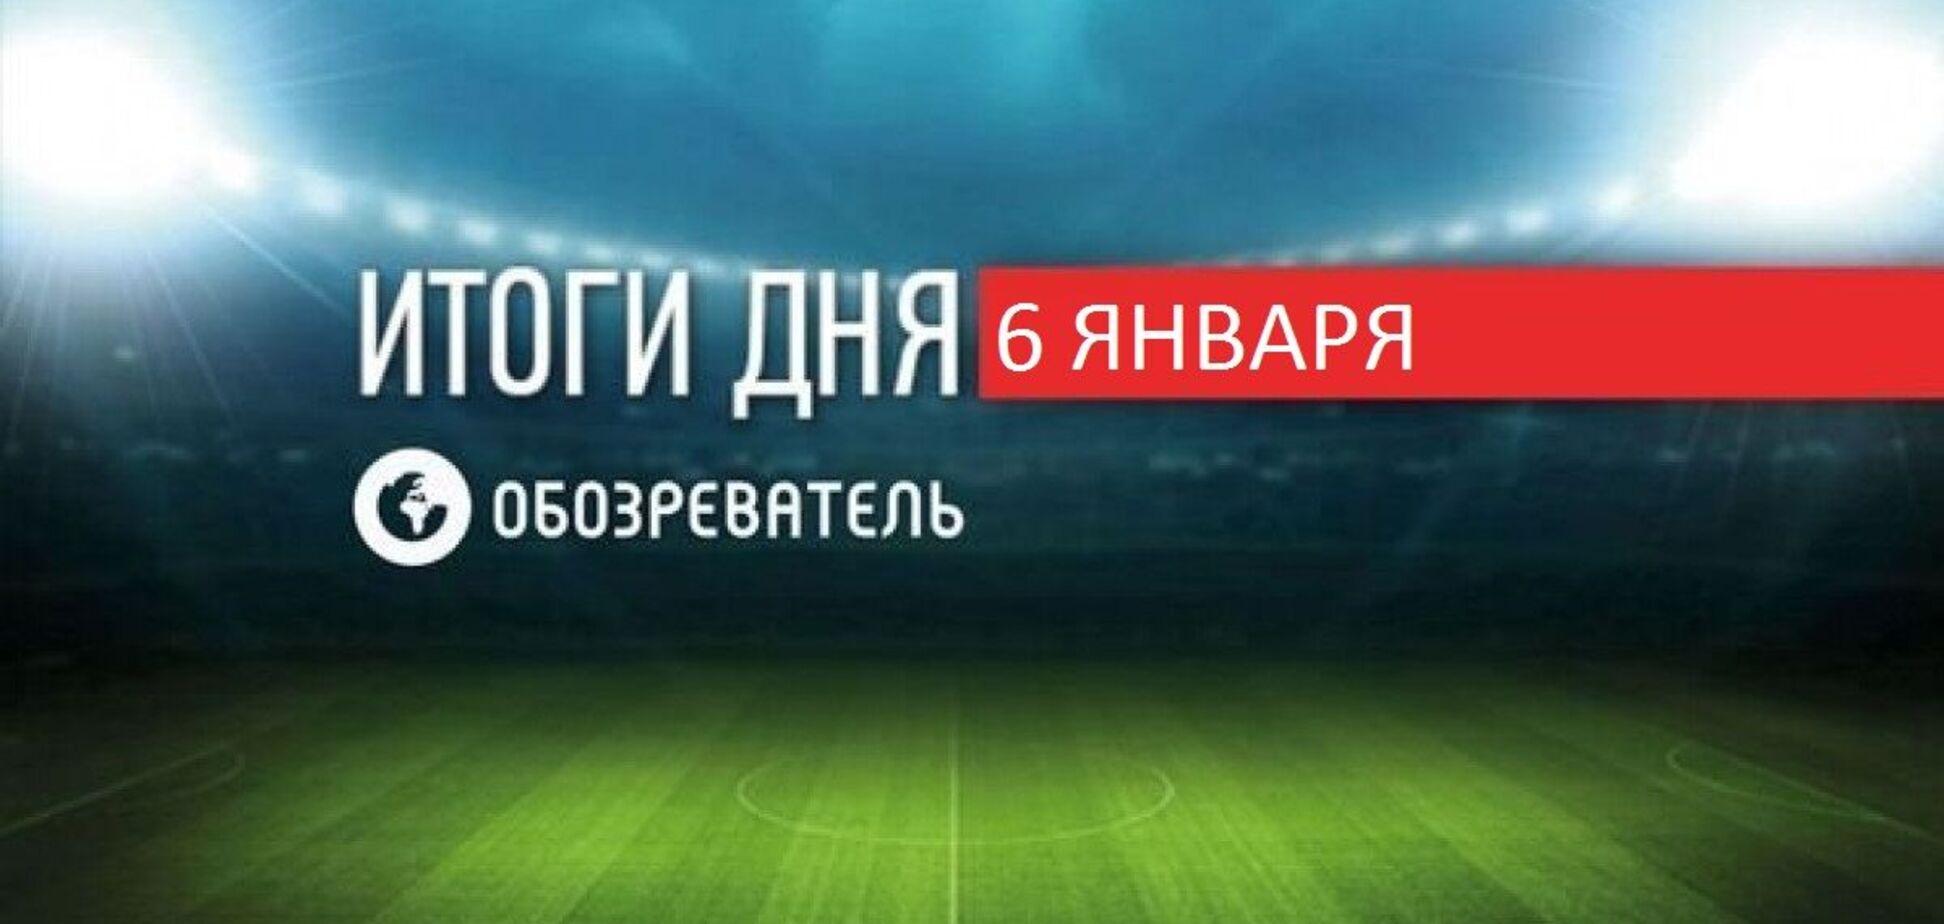 Названо новий клуб Зінченка: спортивні підсумки 6 січня